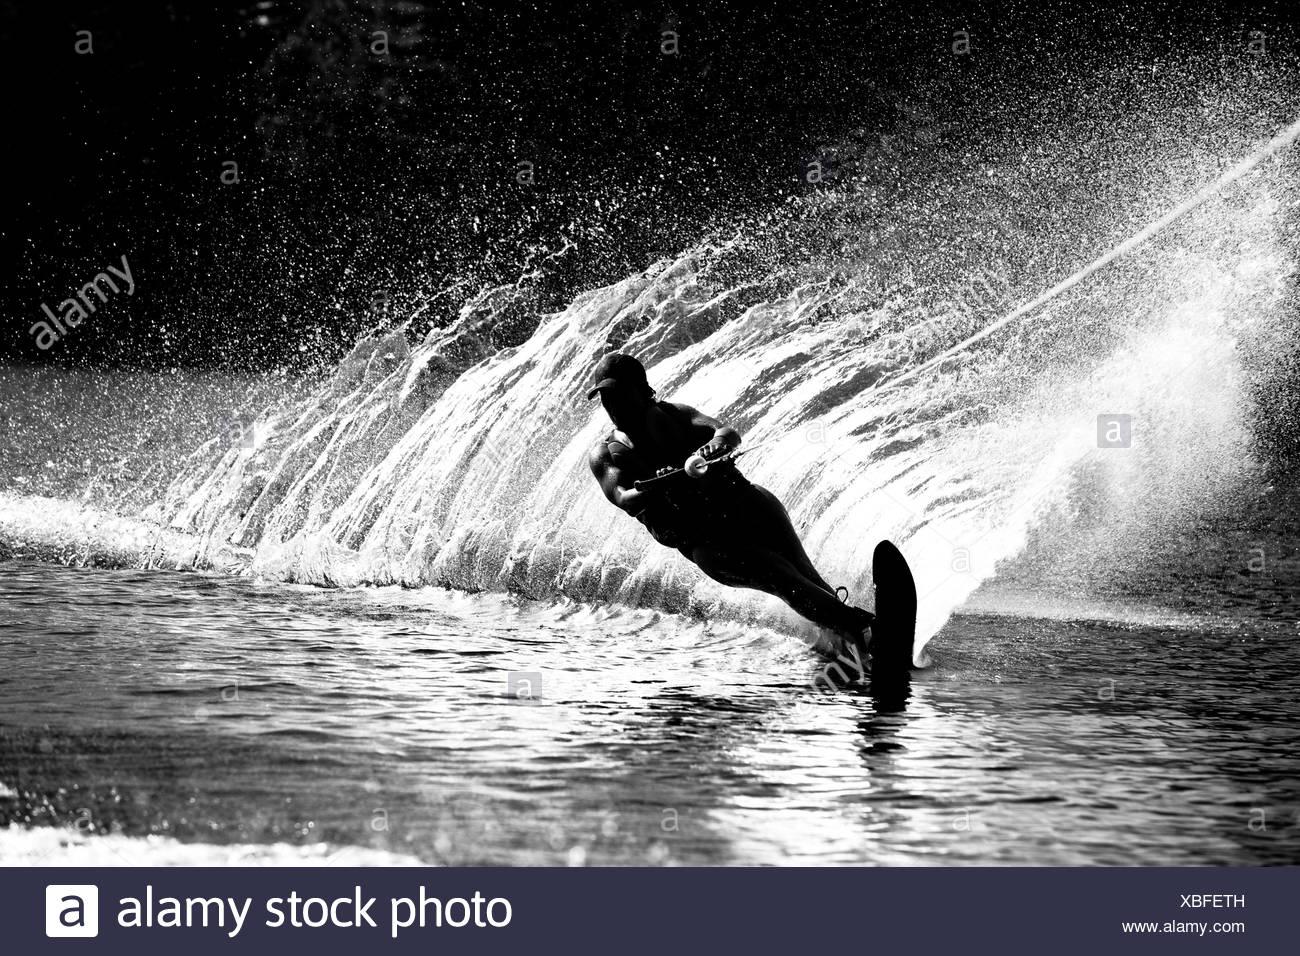 Eine weibliche Wasserskifahrer reißt eine Wende verursacht eine riesige Wasser-Spray beim Skifahren am Cobbosseecontee See in der Nähe von Monmouth, Maine. Stockbild